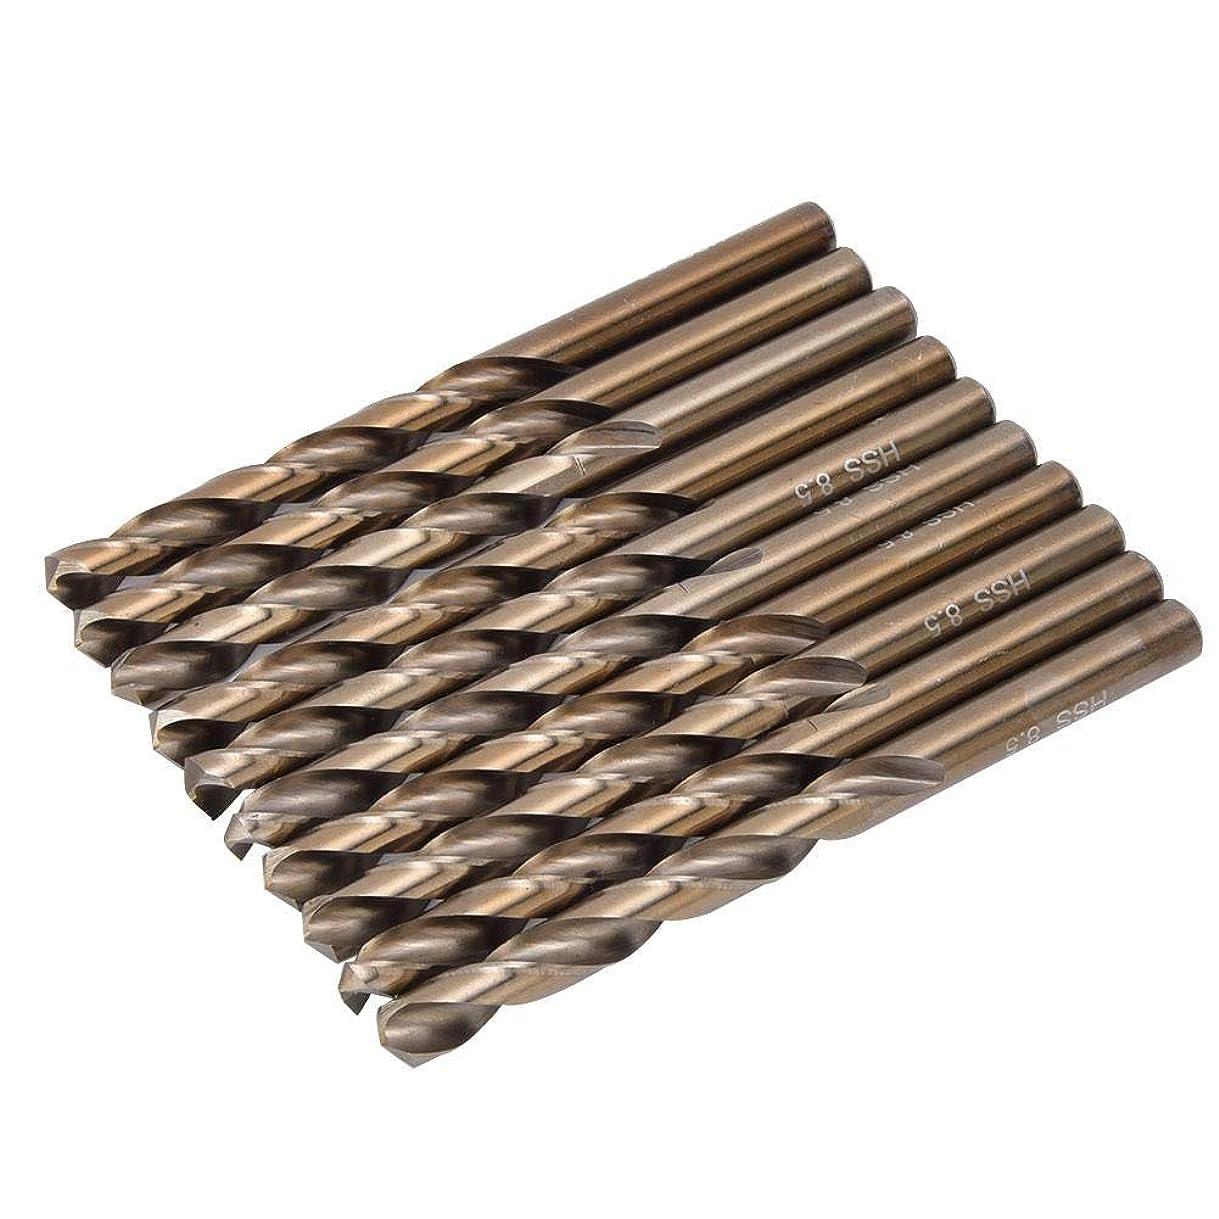 評価可能爆弾フルーツ1ボックスドリルビット高速度鋼ステンレス鋼鉄掘削ツール用ドリルツール鋼ビット山形鋼鉄プレート金属穴オープナー(#2)